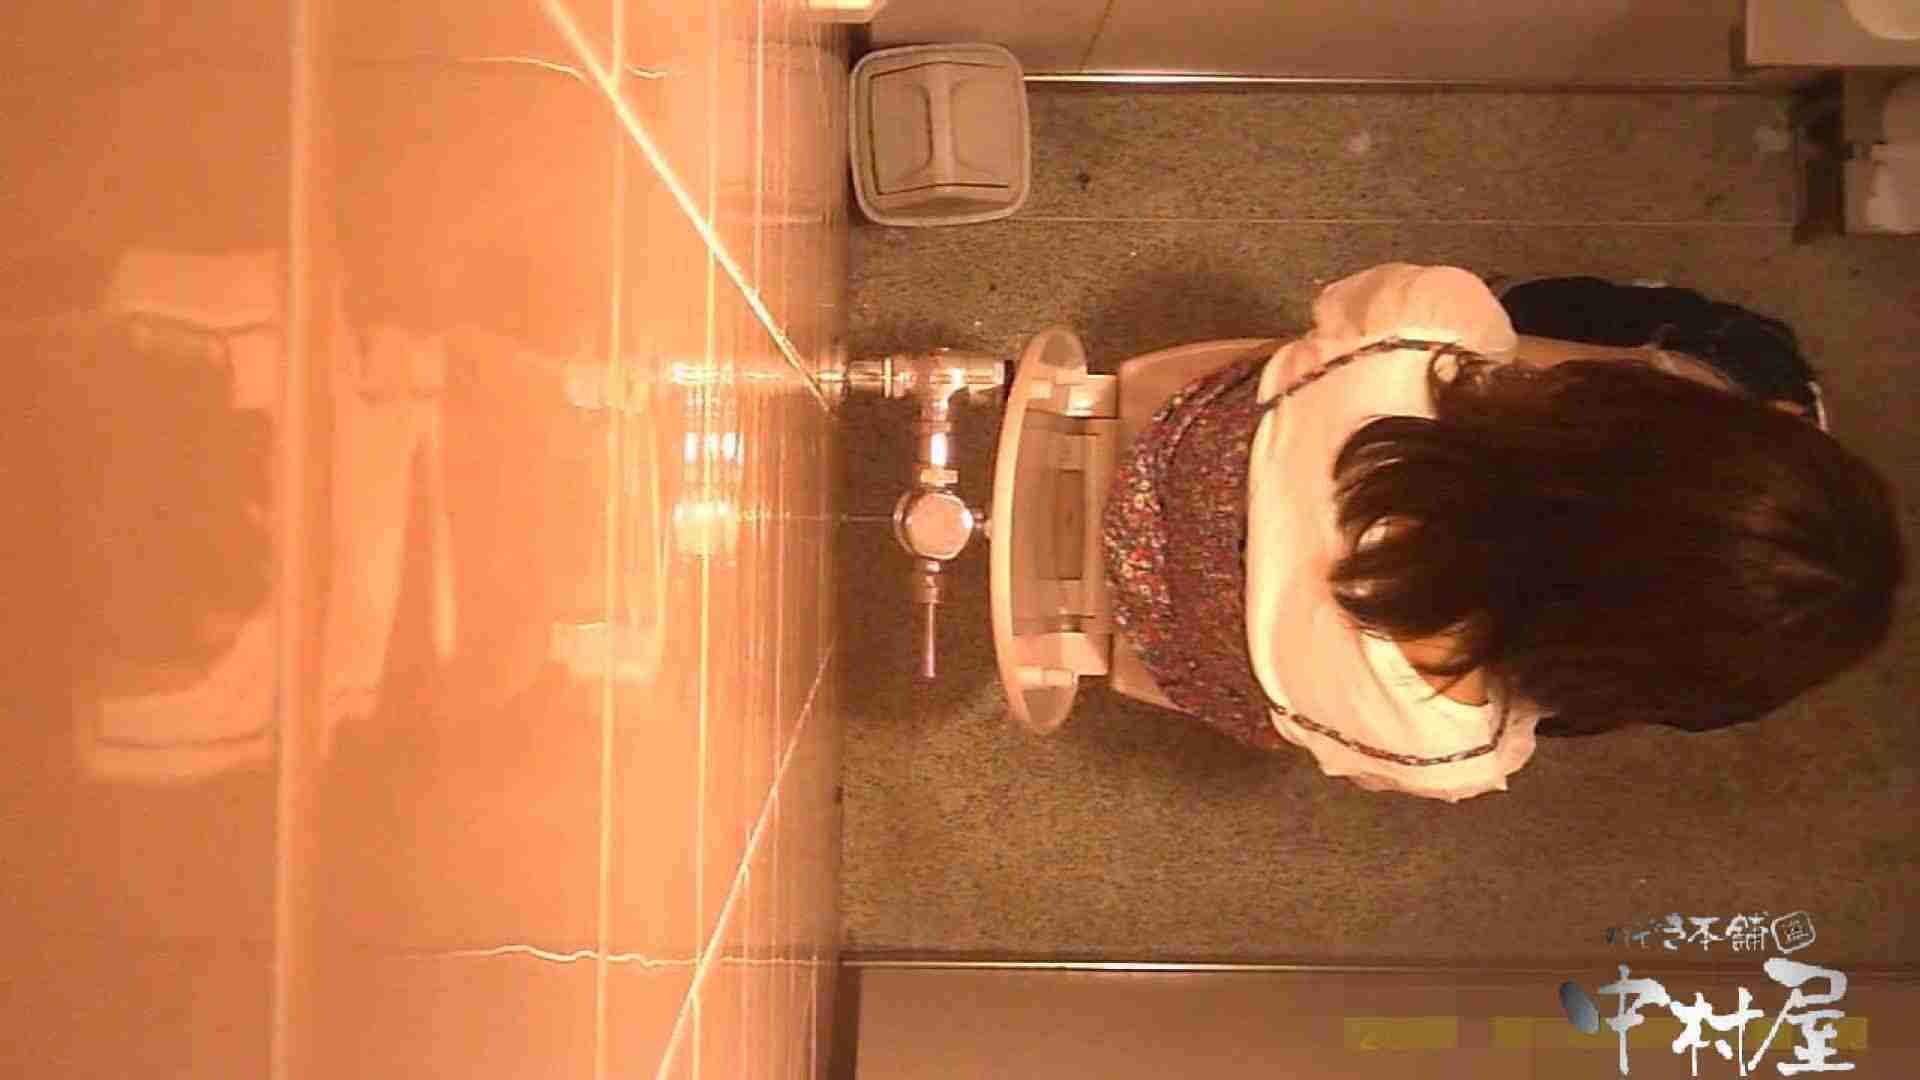 初盗撮!女盗撮師カレンさんの 潜入!女子トイレ盗撮!Vol.2 美女まとめ  101PIX 35